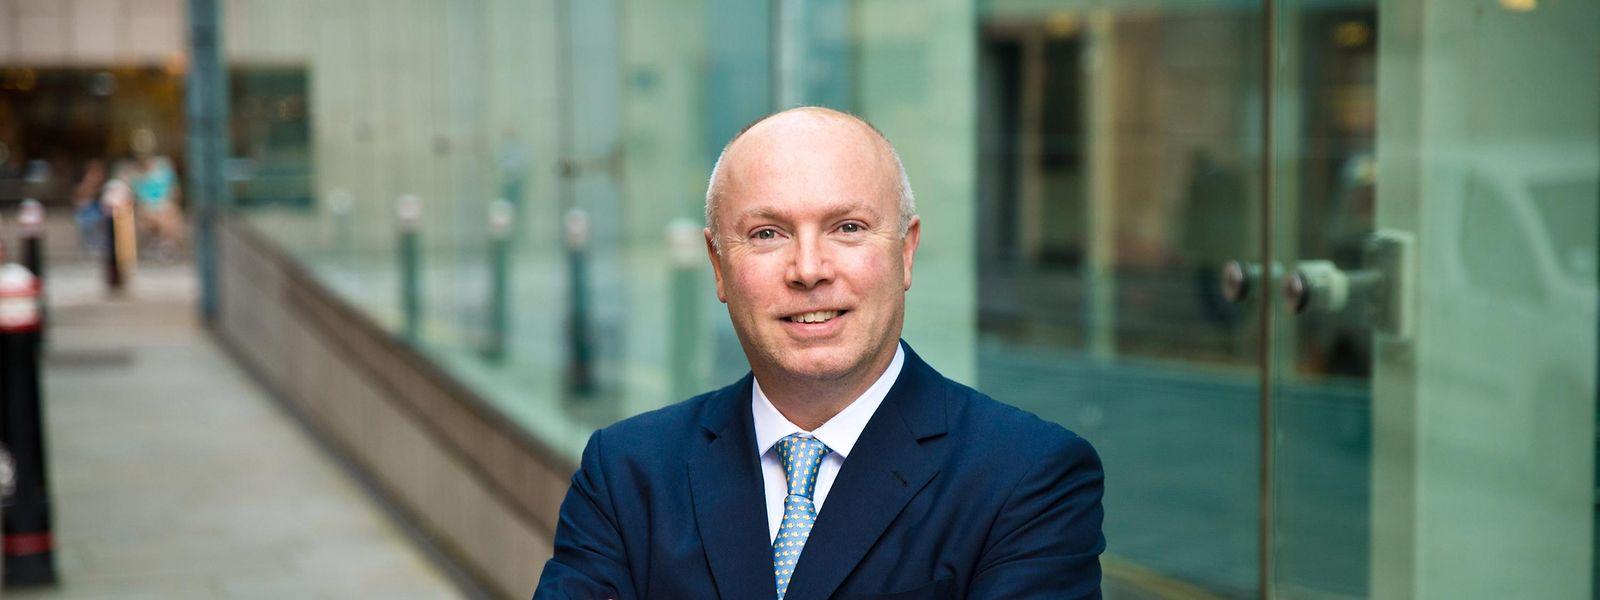 Matthew Hudson ist CEO des britischen Vermögensverwaltungs- und Beratungsunternehmen.